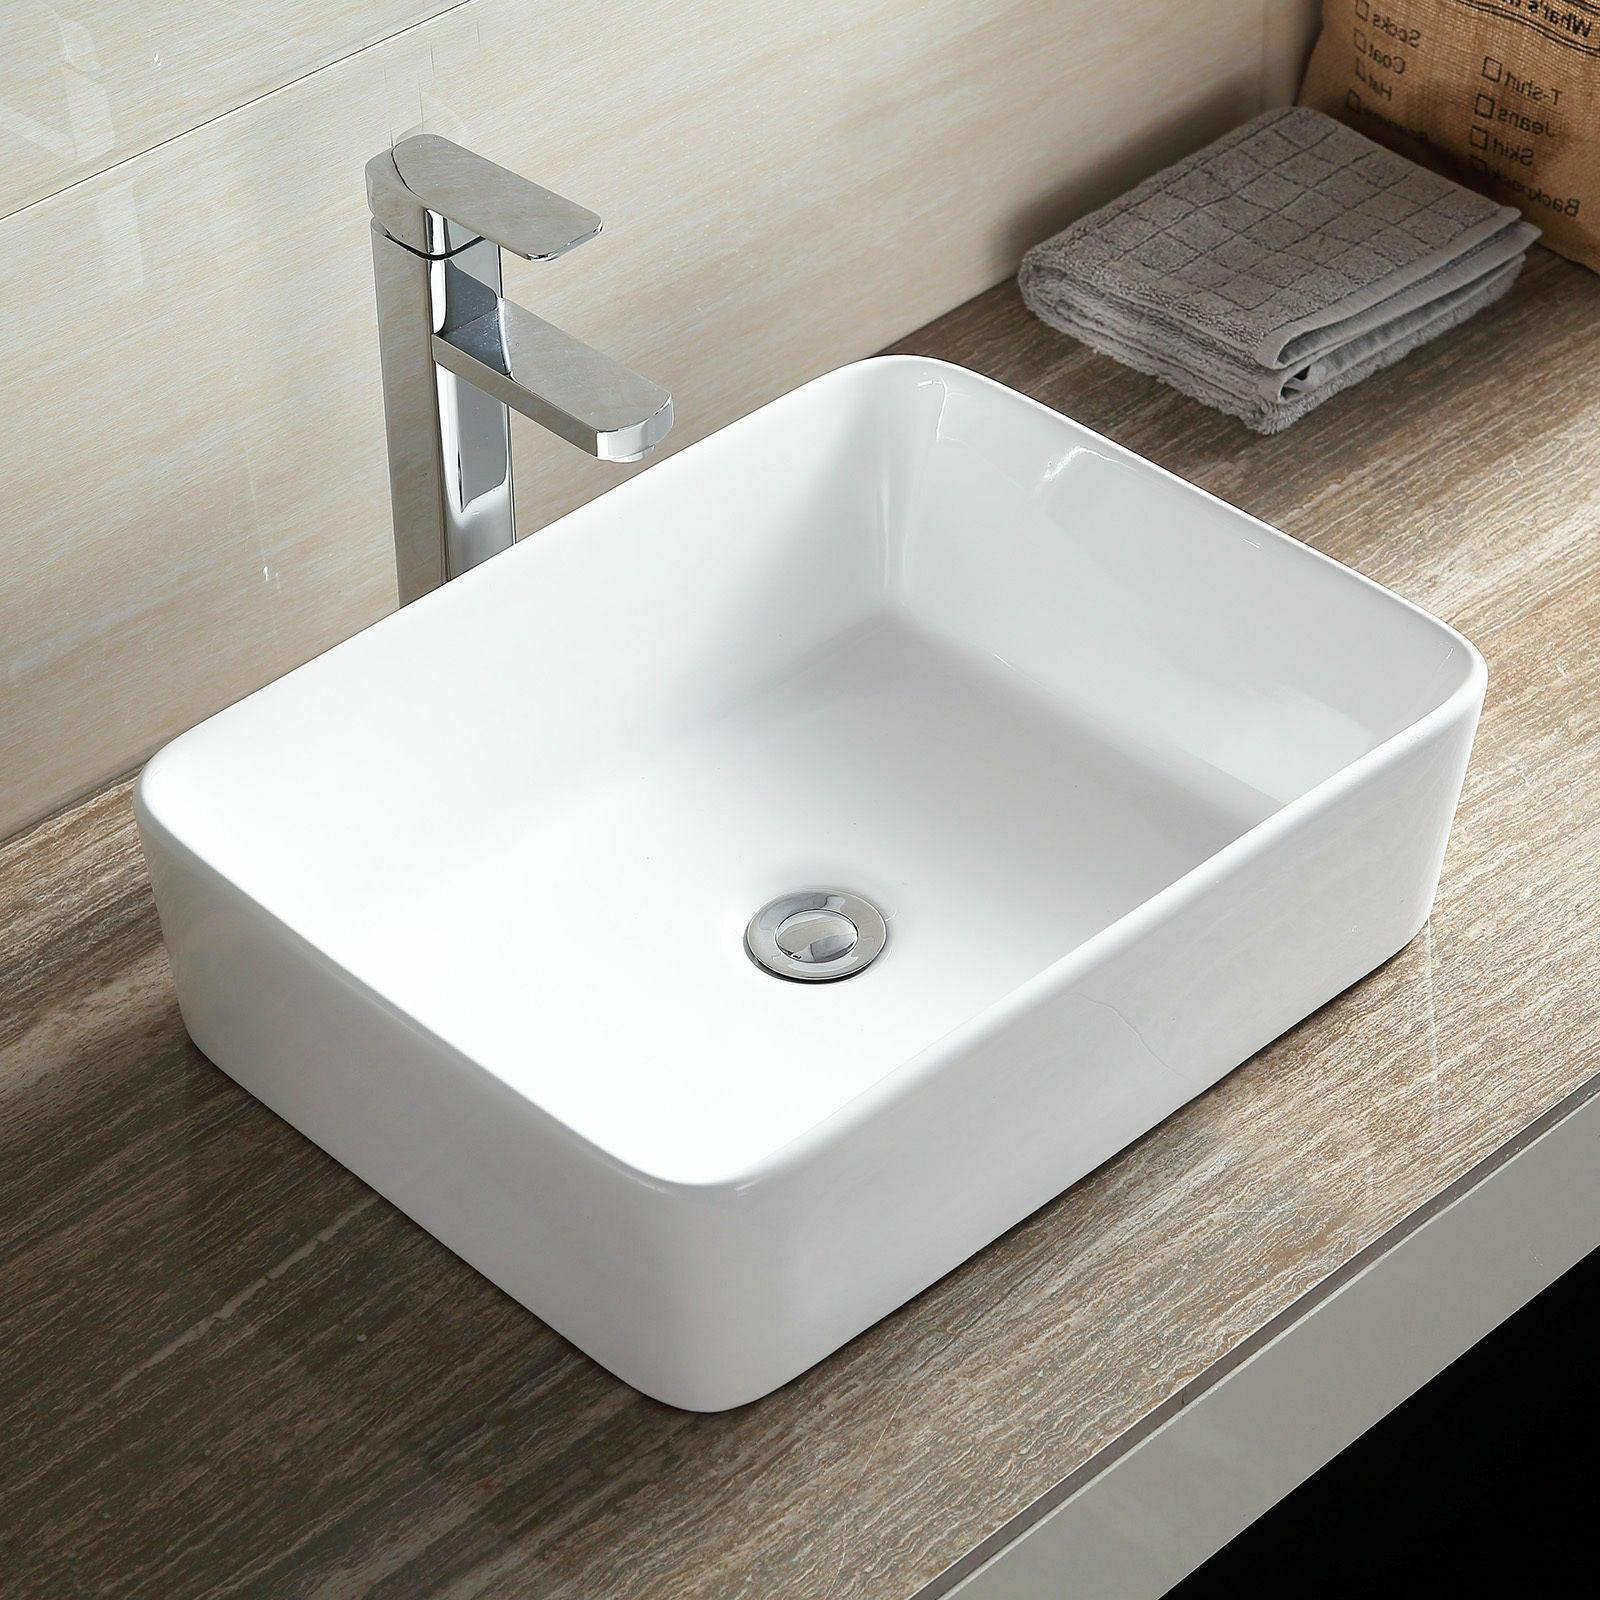 Waschbecken Eckig  Aufsatzwaschbecken Aufsatz Waschtisch Waschbecken eckig